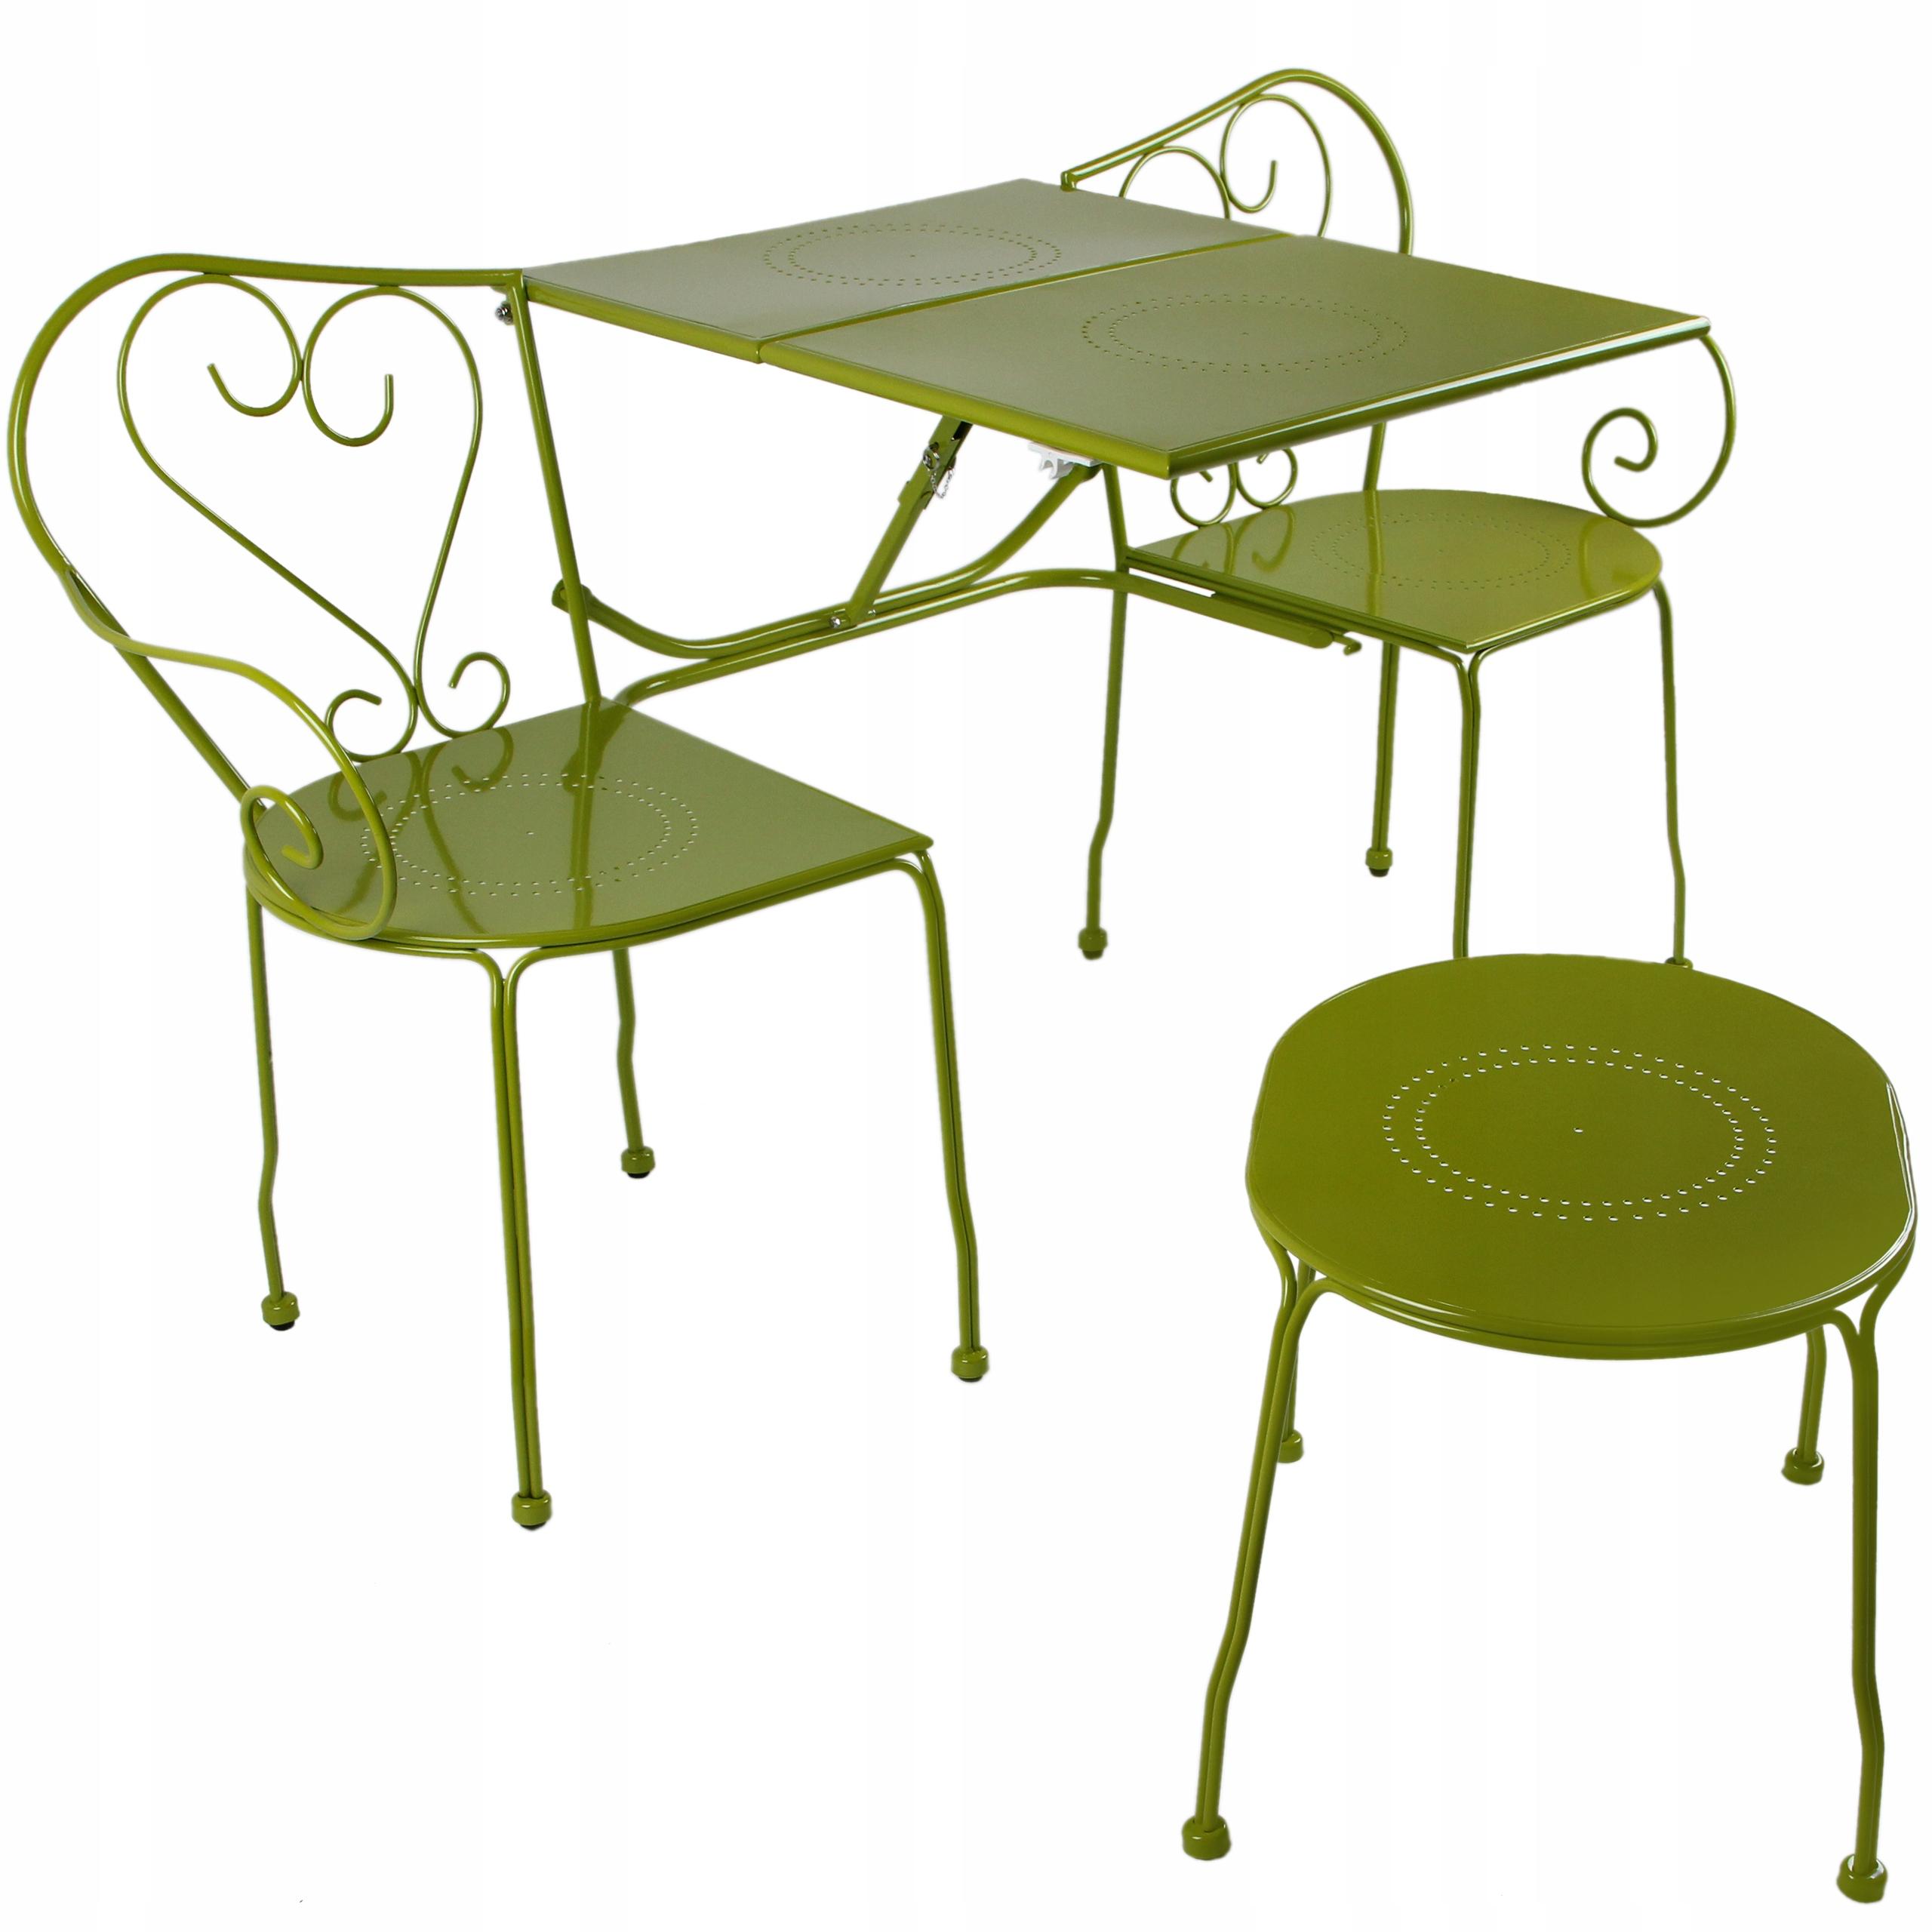 Balkónový záhradný nábytok Sada Lavica Konferenčný stolík Sada obsahu stolička nízka stolík